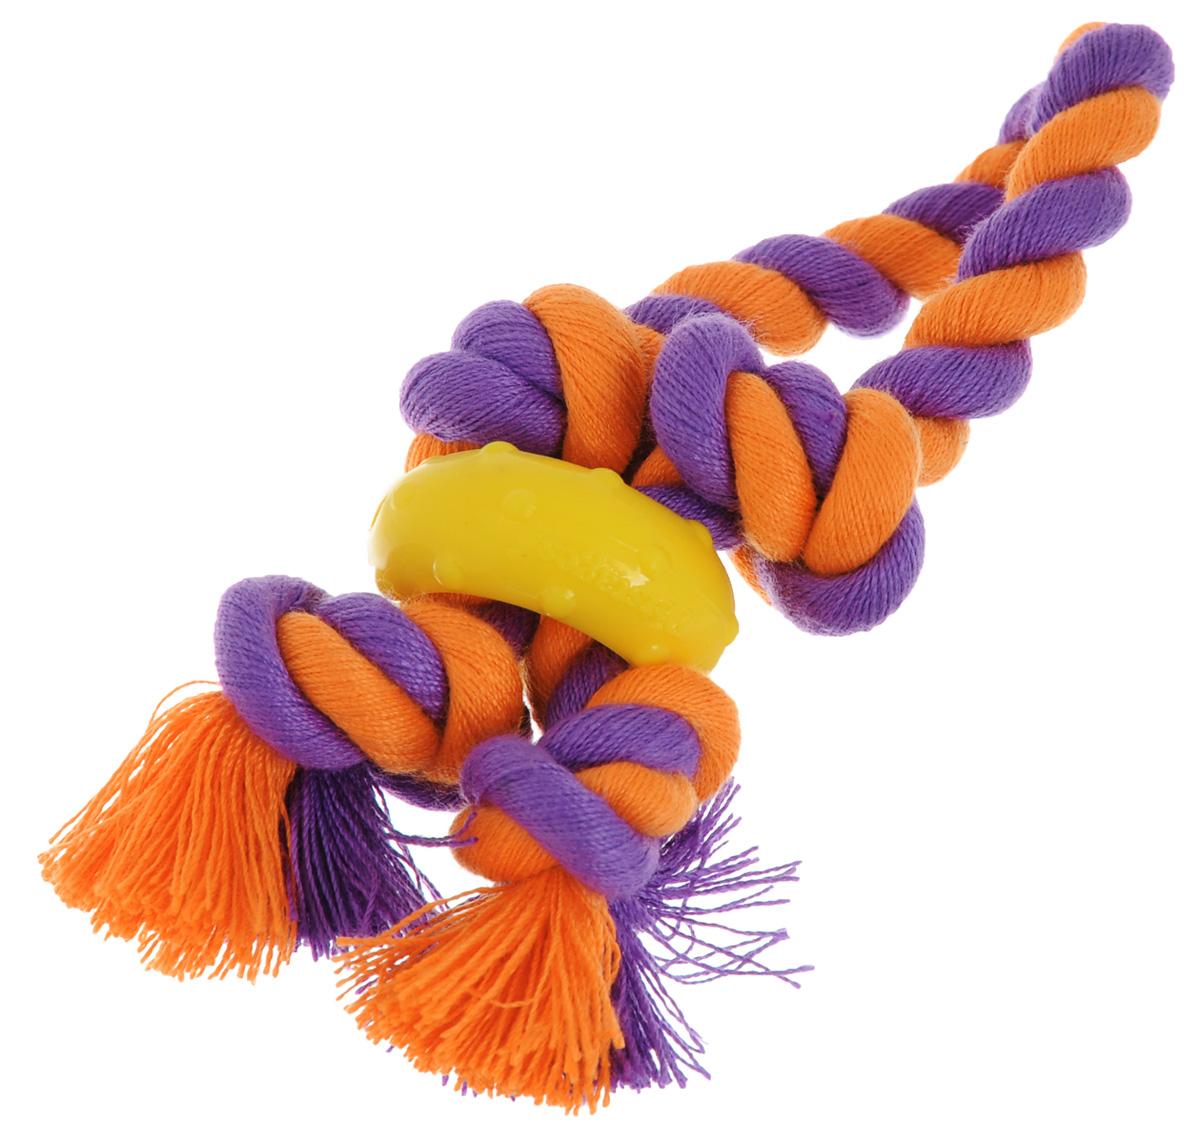 Игрушка для собак Petstages Mini. Канат, цвет: оранжевый, фиолетовый137REX_оранжевый, фиолетовыйИгрушка для собак Petstages Mini. Канат выполнена из текстиля и предназначена для мелких пород собак. Канат удаляет зубной налет, что способствует поддержанию здоровья полости рта. Резиновое кольцо массирует десны во время игры.